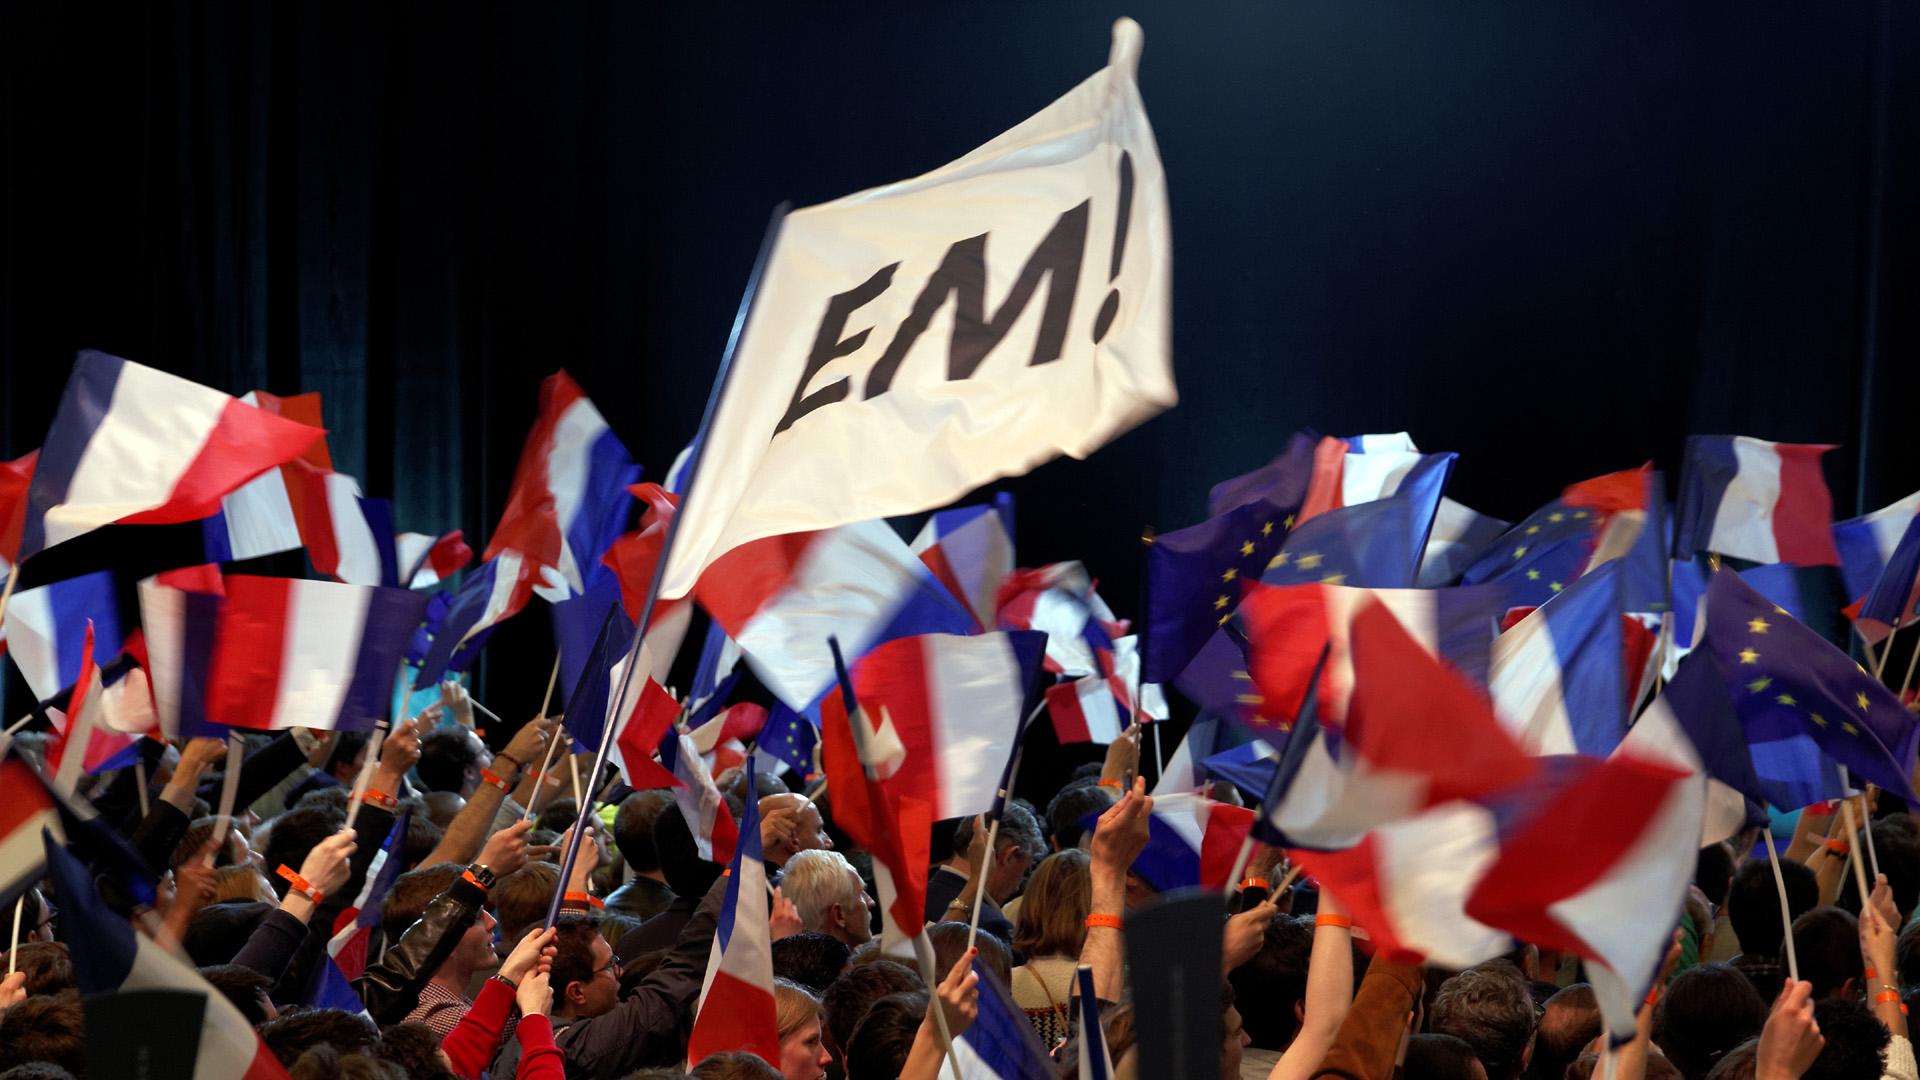 En Marche! flag Emmanuel Marcon82292280-159532